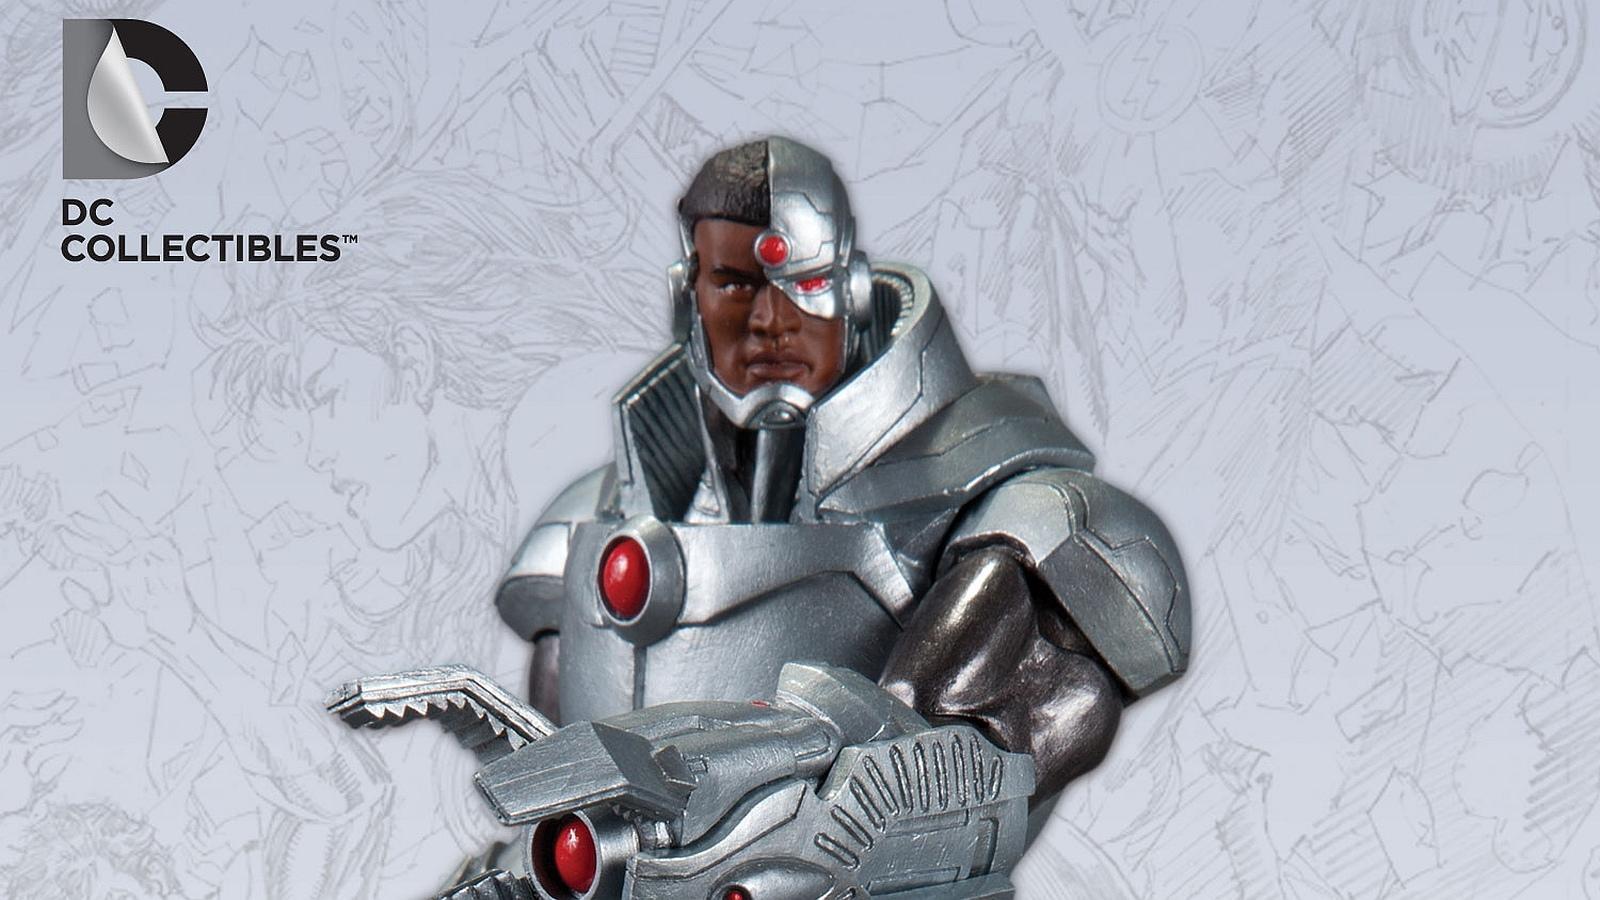 Cyborg Comics wallpapers HD quality